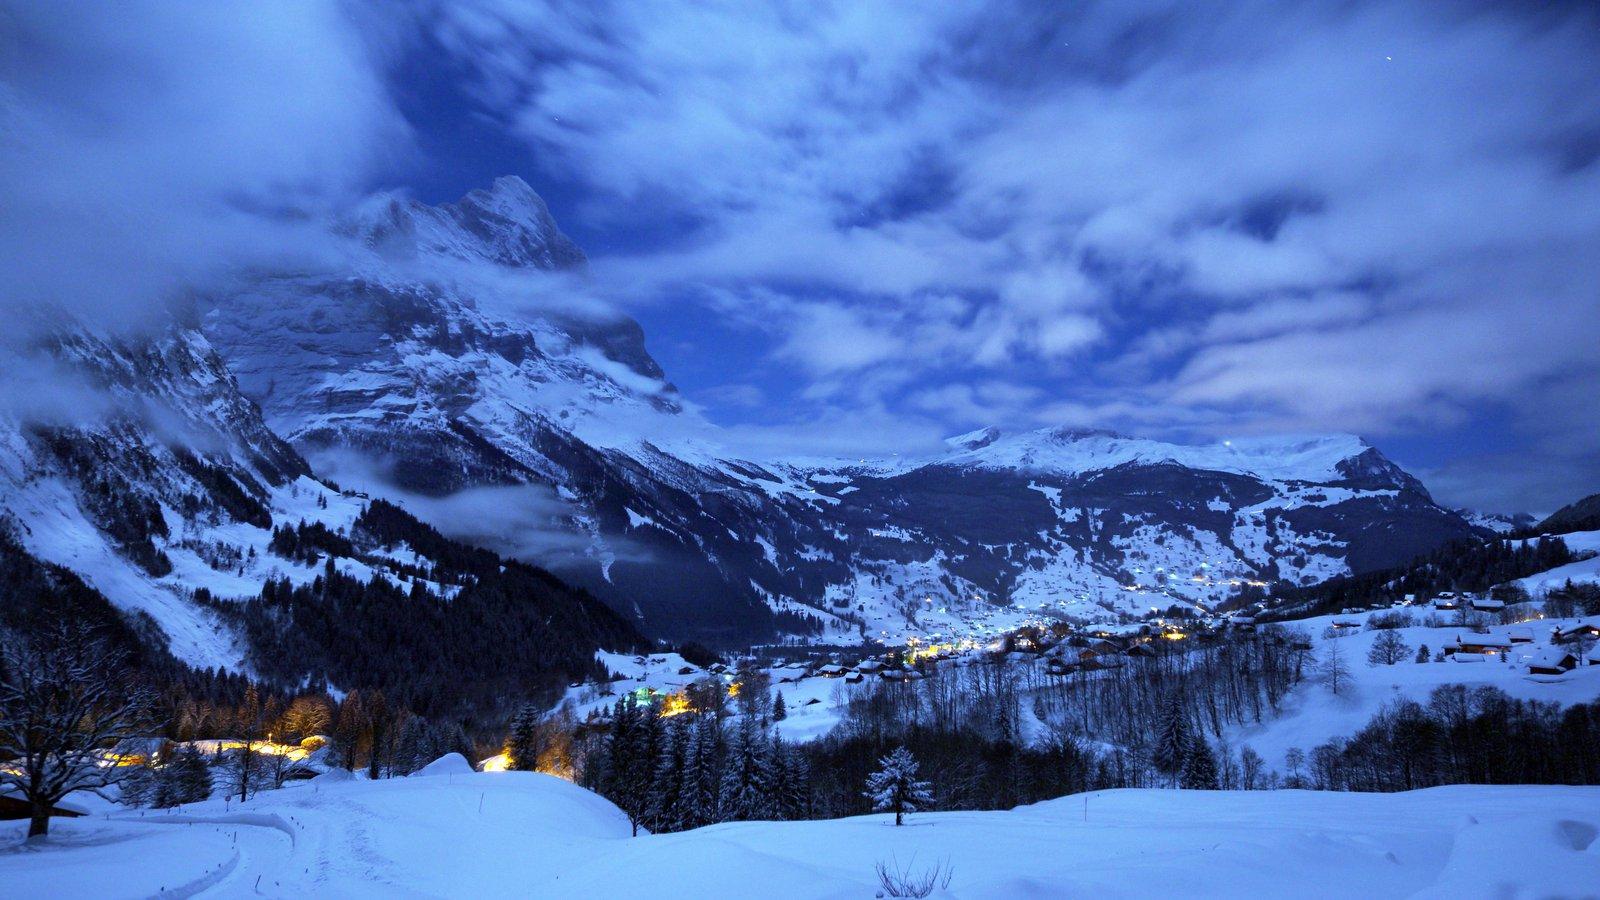 Night shot of Grindelwald